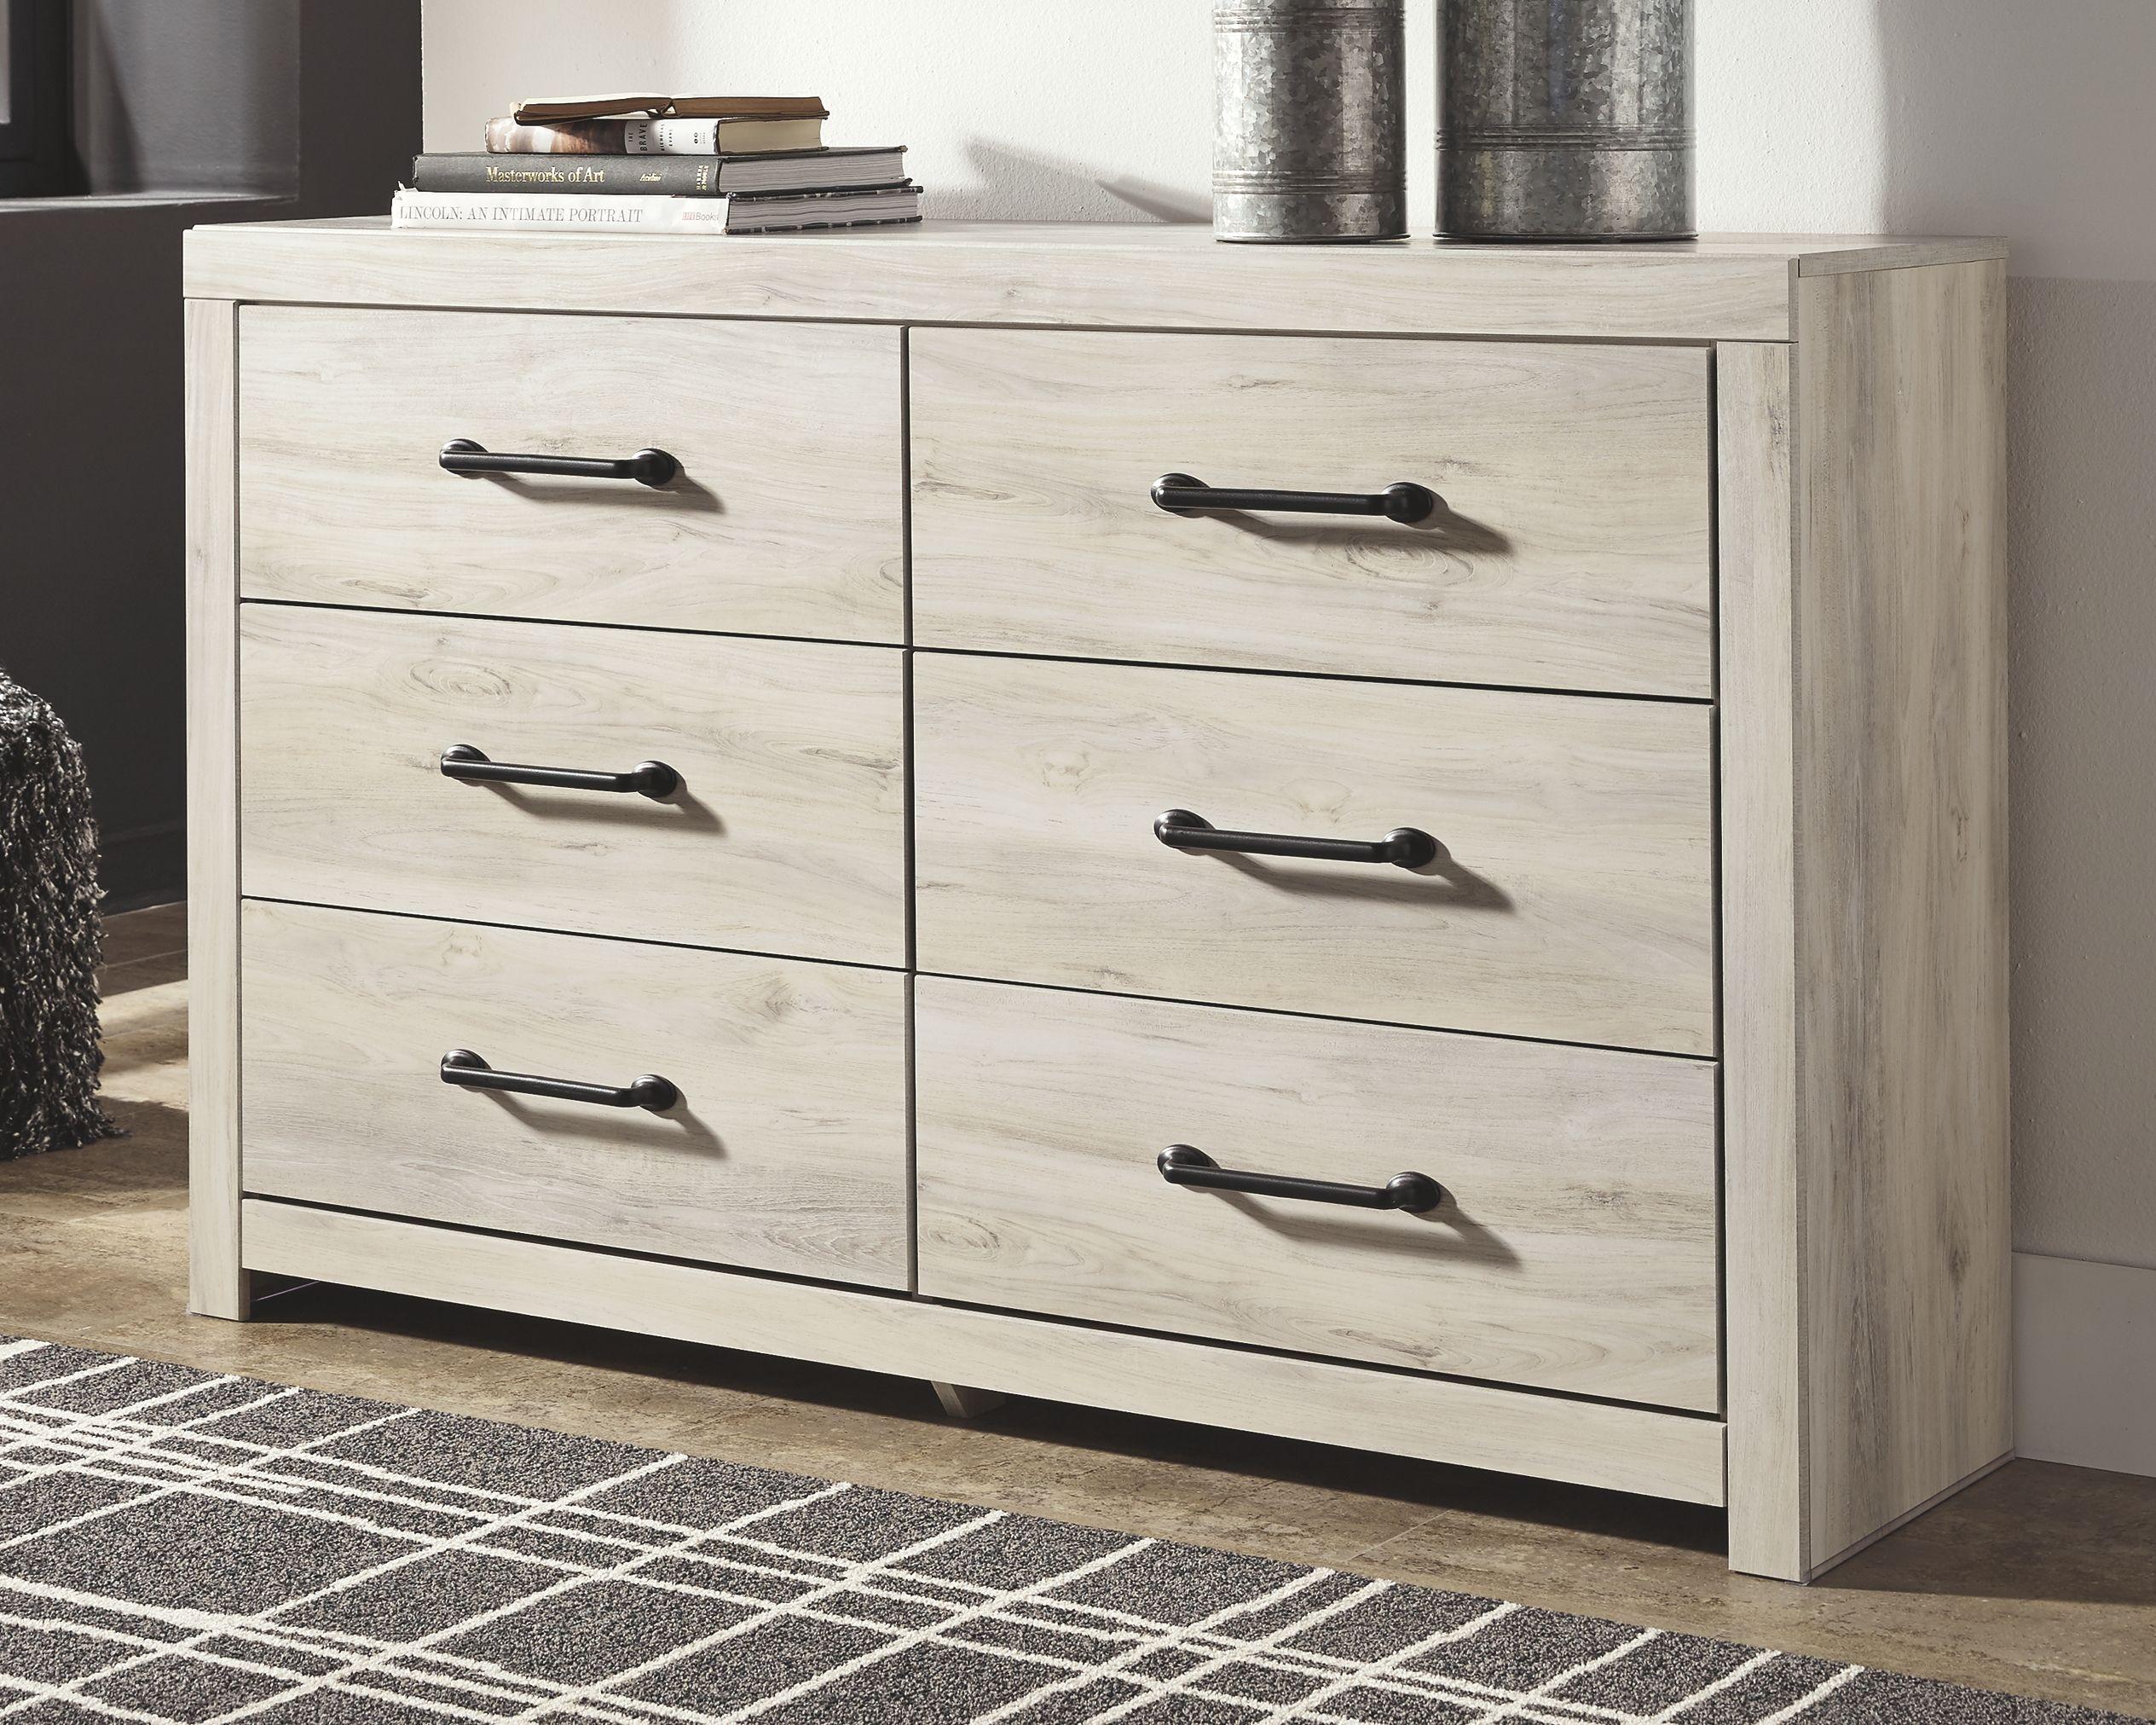 Cambeck Dresser, Whitewash Dresser, Headboard styles